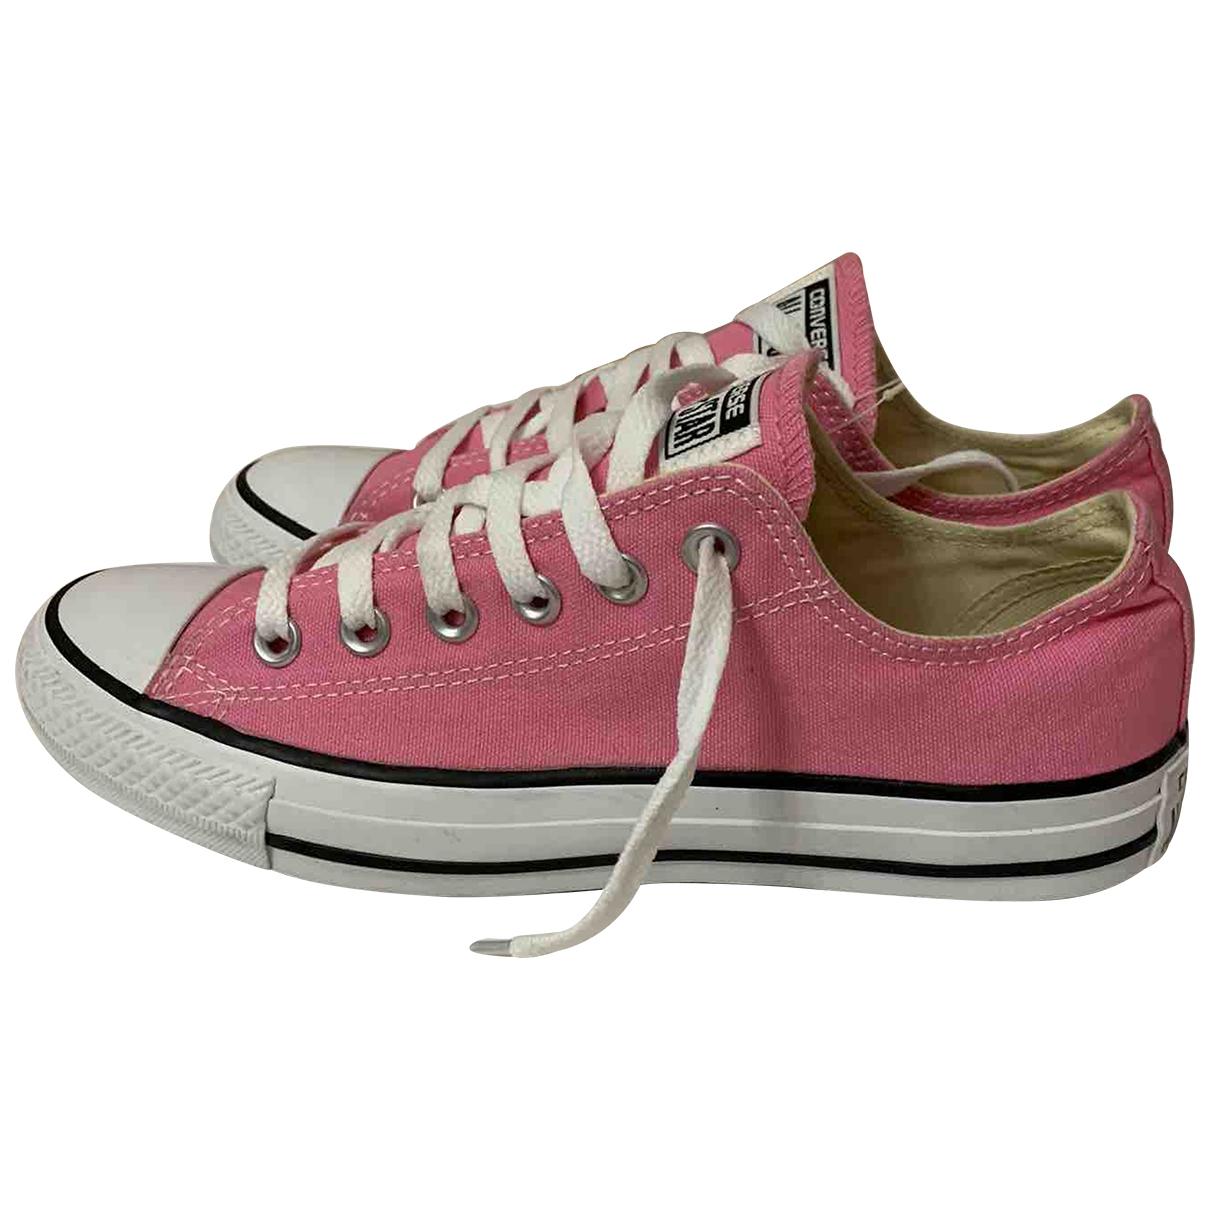 Converse - Mocassins   pour femme en toile - rose